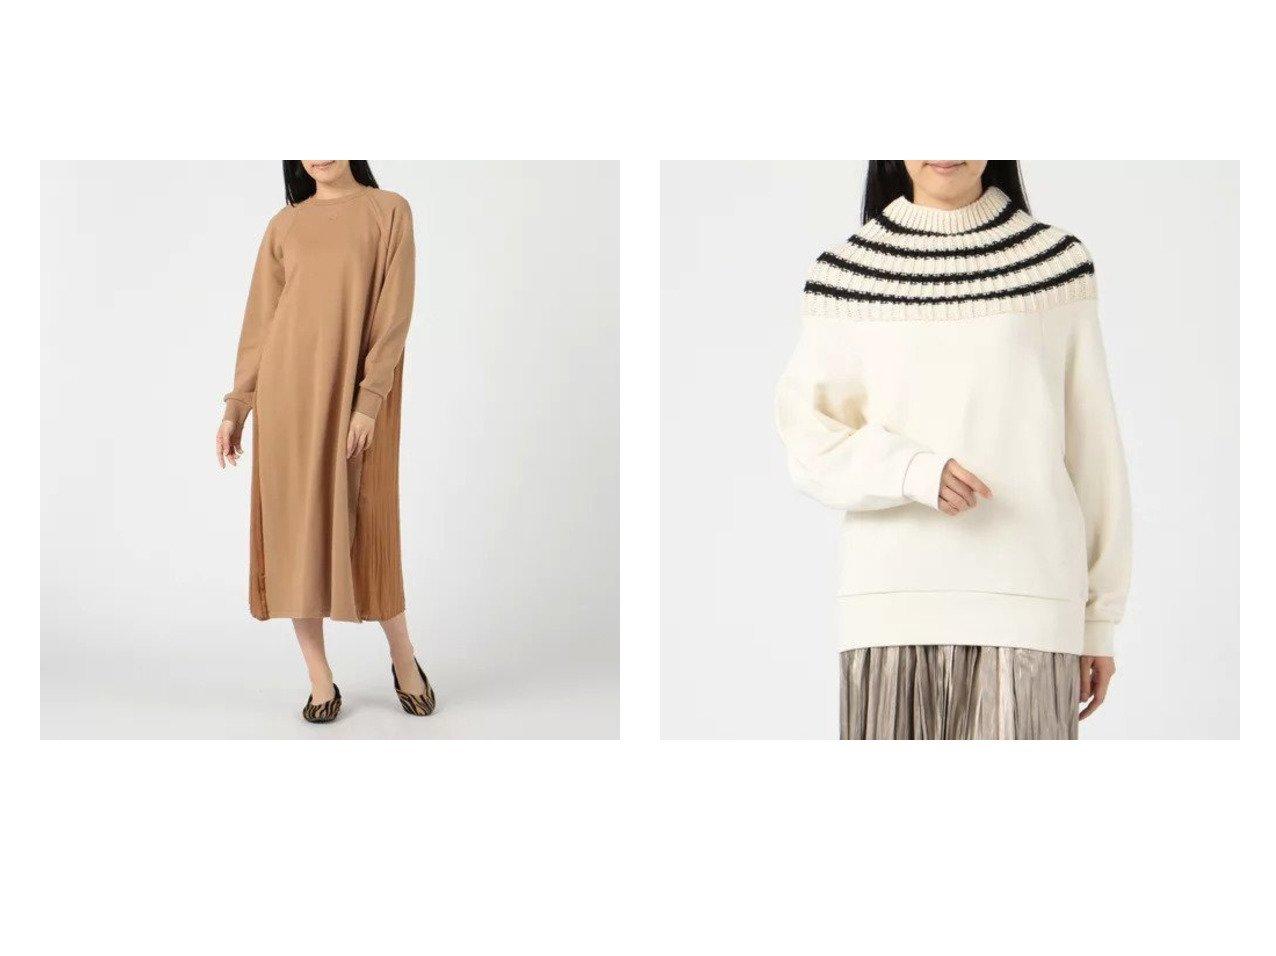 【Munich/ミューニック】のfrench terry x wrinkle satin docking ワンピース&french terry x knit docking sweat おすすめ!人気、トレンド・レディースファッションの通販 おすすめで人気の流行・トレンド、ファッションの通販商品 インテリア・家具・メンズファッション・キッズファッション・レディースファッション・服の通販 founy(ファニー) https://founy.com/ ファッション Fashion レディースファッション WOMEN トップス・カットソー Tops/Tshirt ニット Knit Tops パーカ Sweats スウェット Sweat ワンピース Dress ニットワンピース Knit Dresses スウェット セーター デコルテ ドッキング フレンチ 長袖 |ID:crp329100000072372